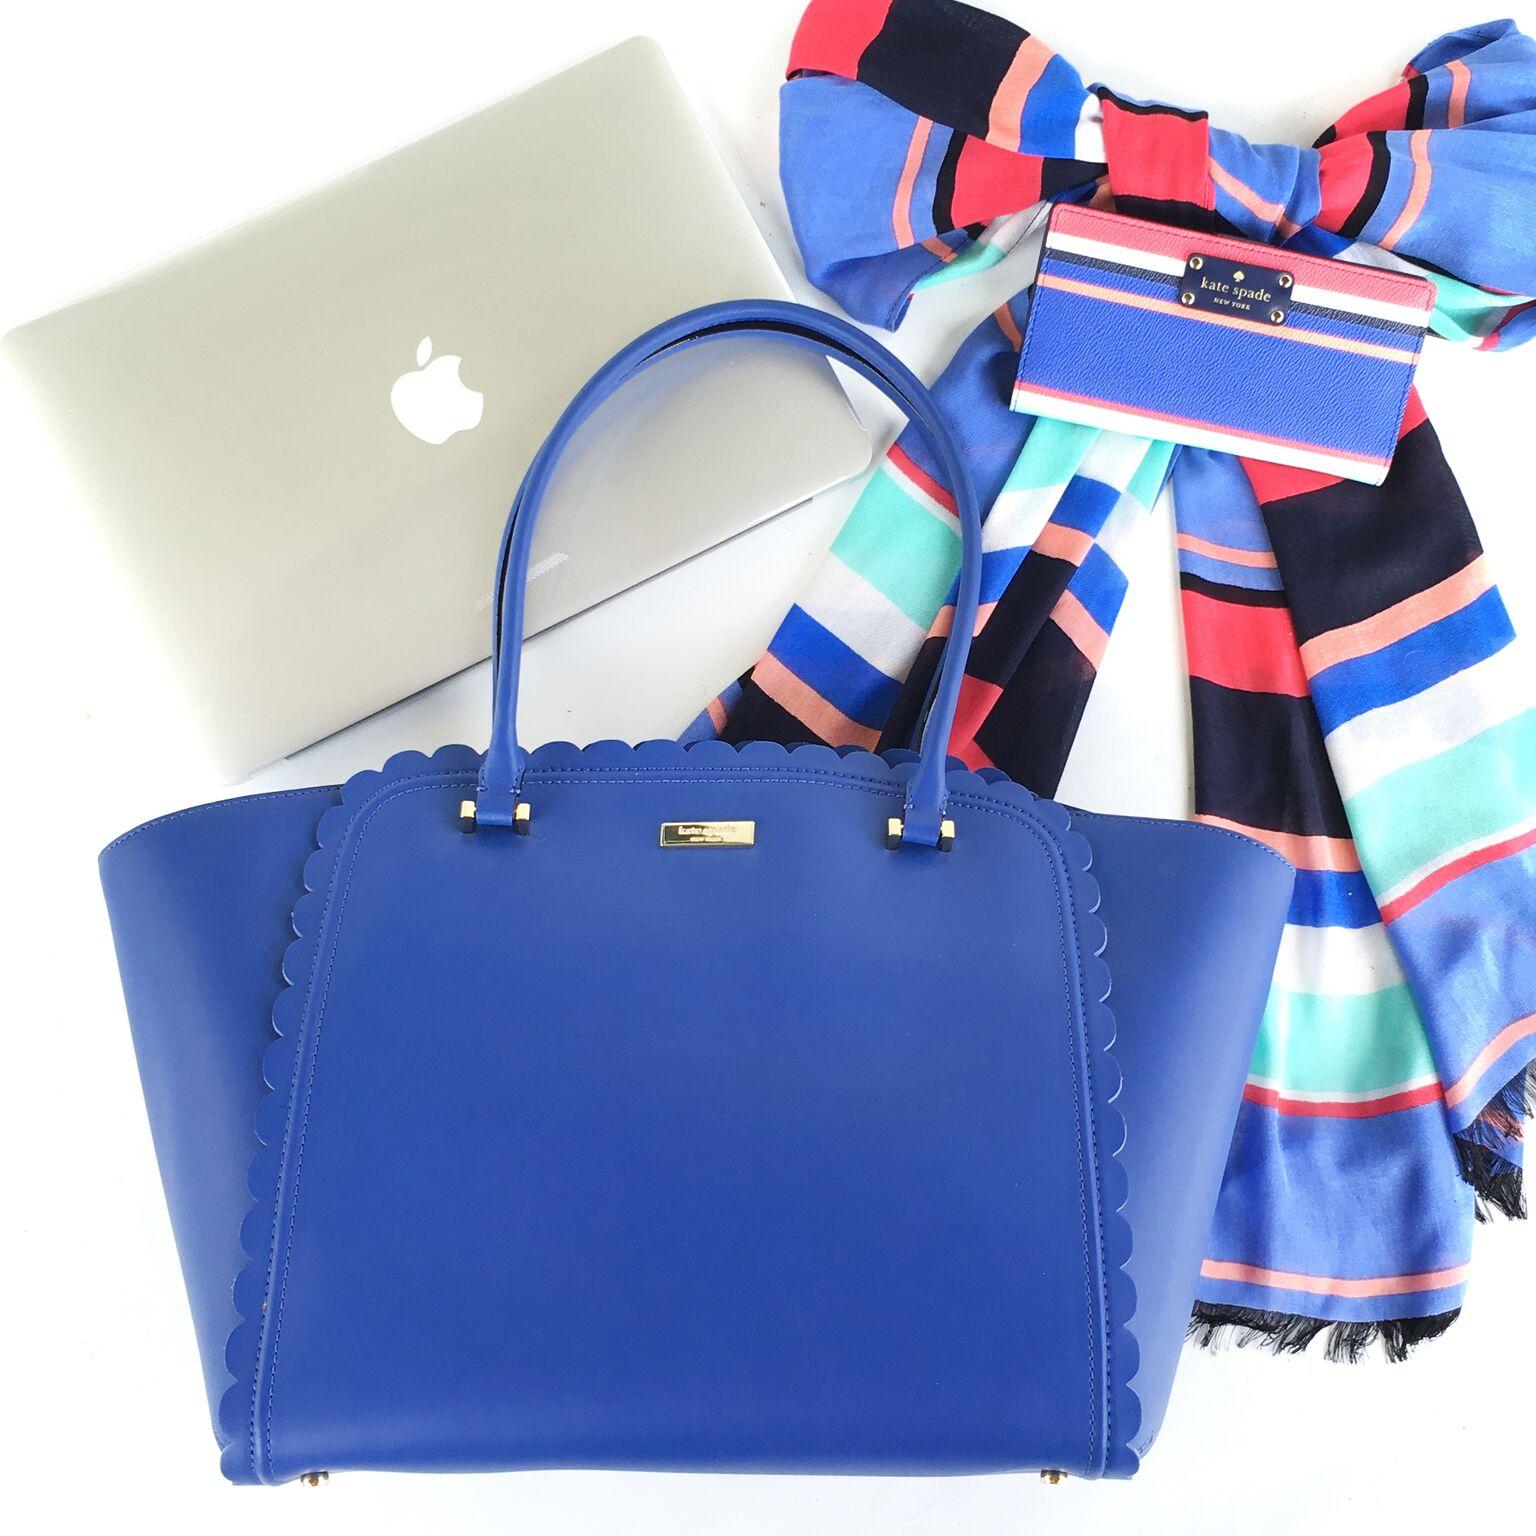 Giveaway-MacBook Air & Kate Spade